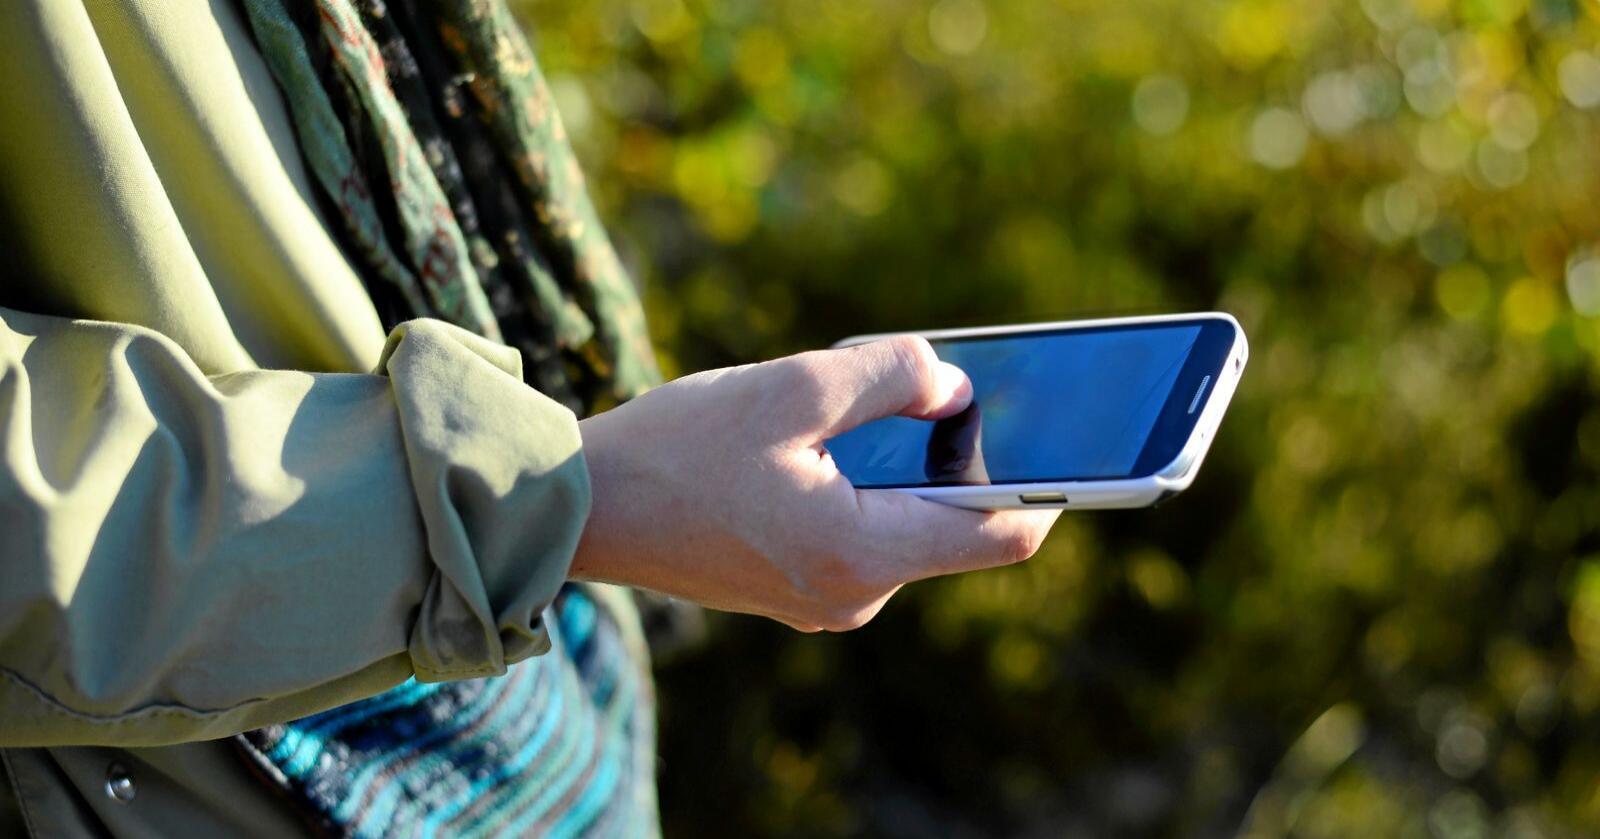 Lenge leve: Å behalda mobilen din ei stund til er bra for klimaet. Foto: Mostphotos